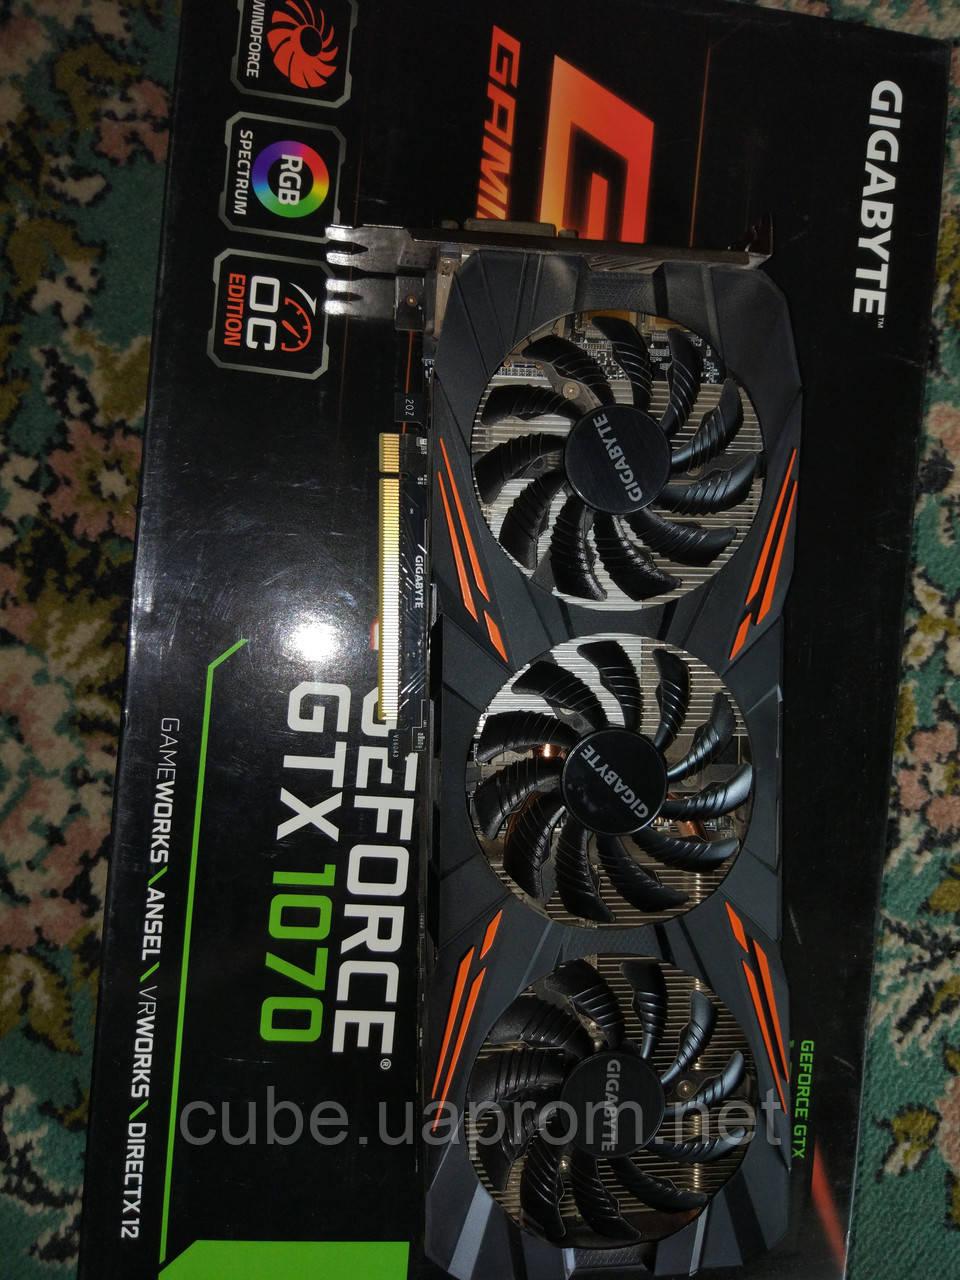 Ігровий комп'ютер Max 2018 Xeon 1650 4.1 Ghz/16Gb /HDD_1000Gb /GIGABYTE GeForce GTX 1070 G1